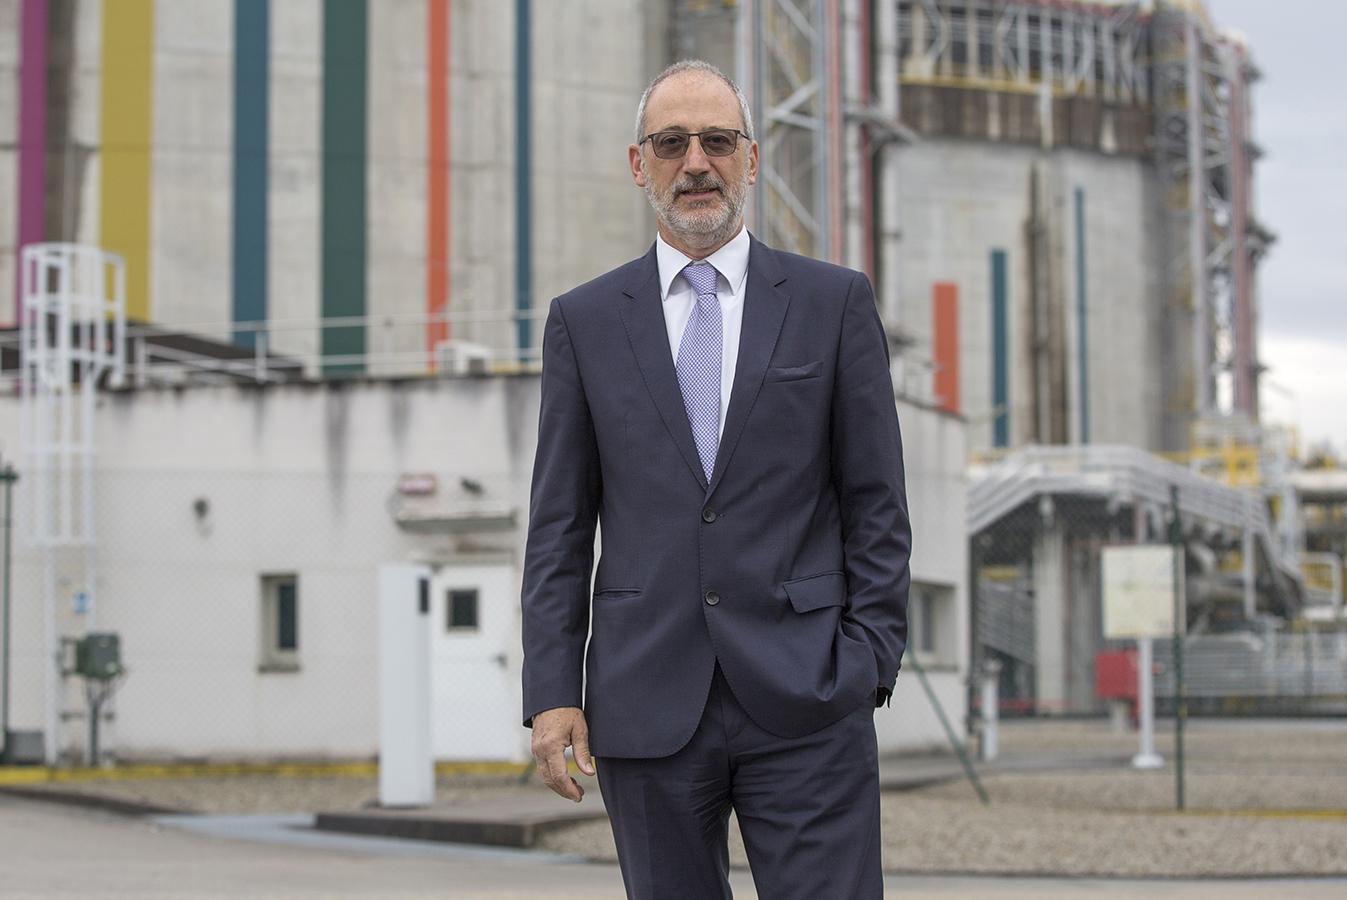 Carlos Collantes Pérez-Ardá